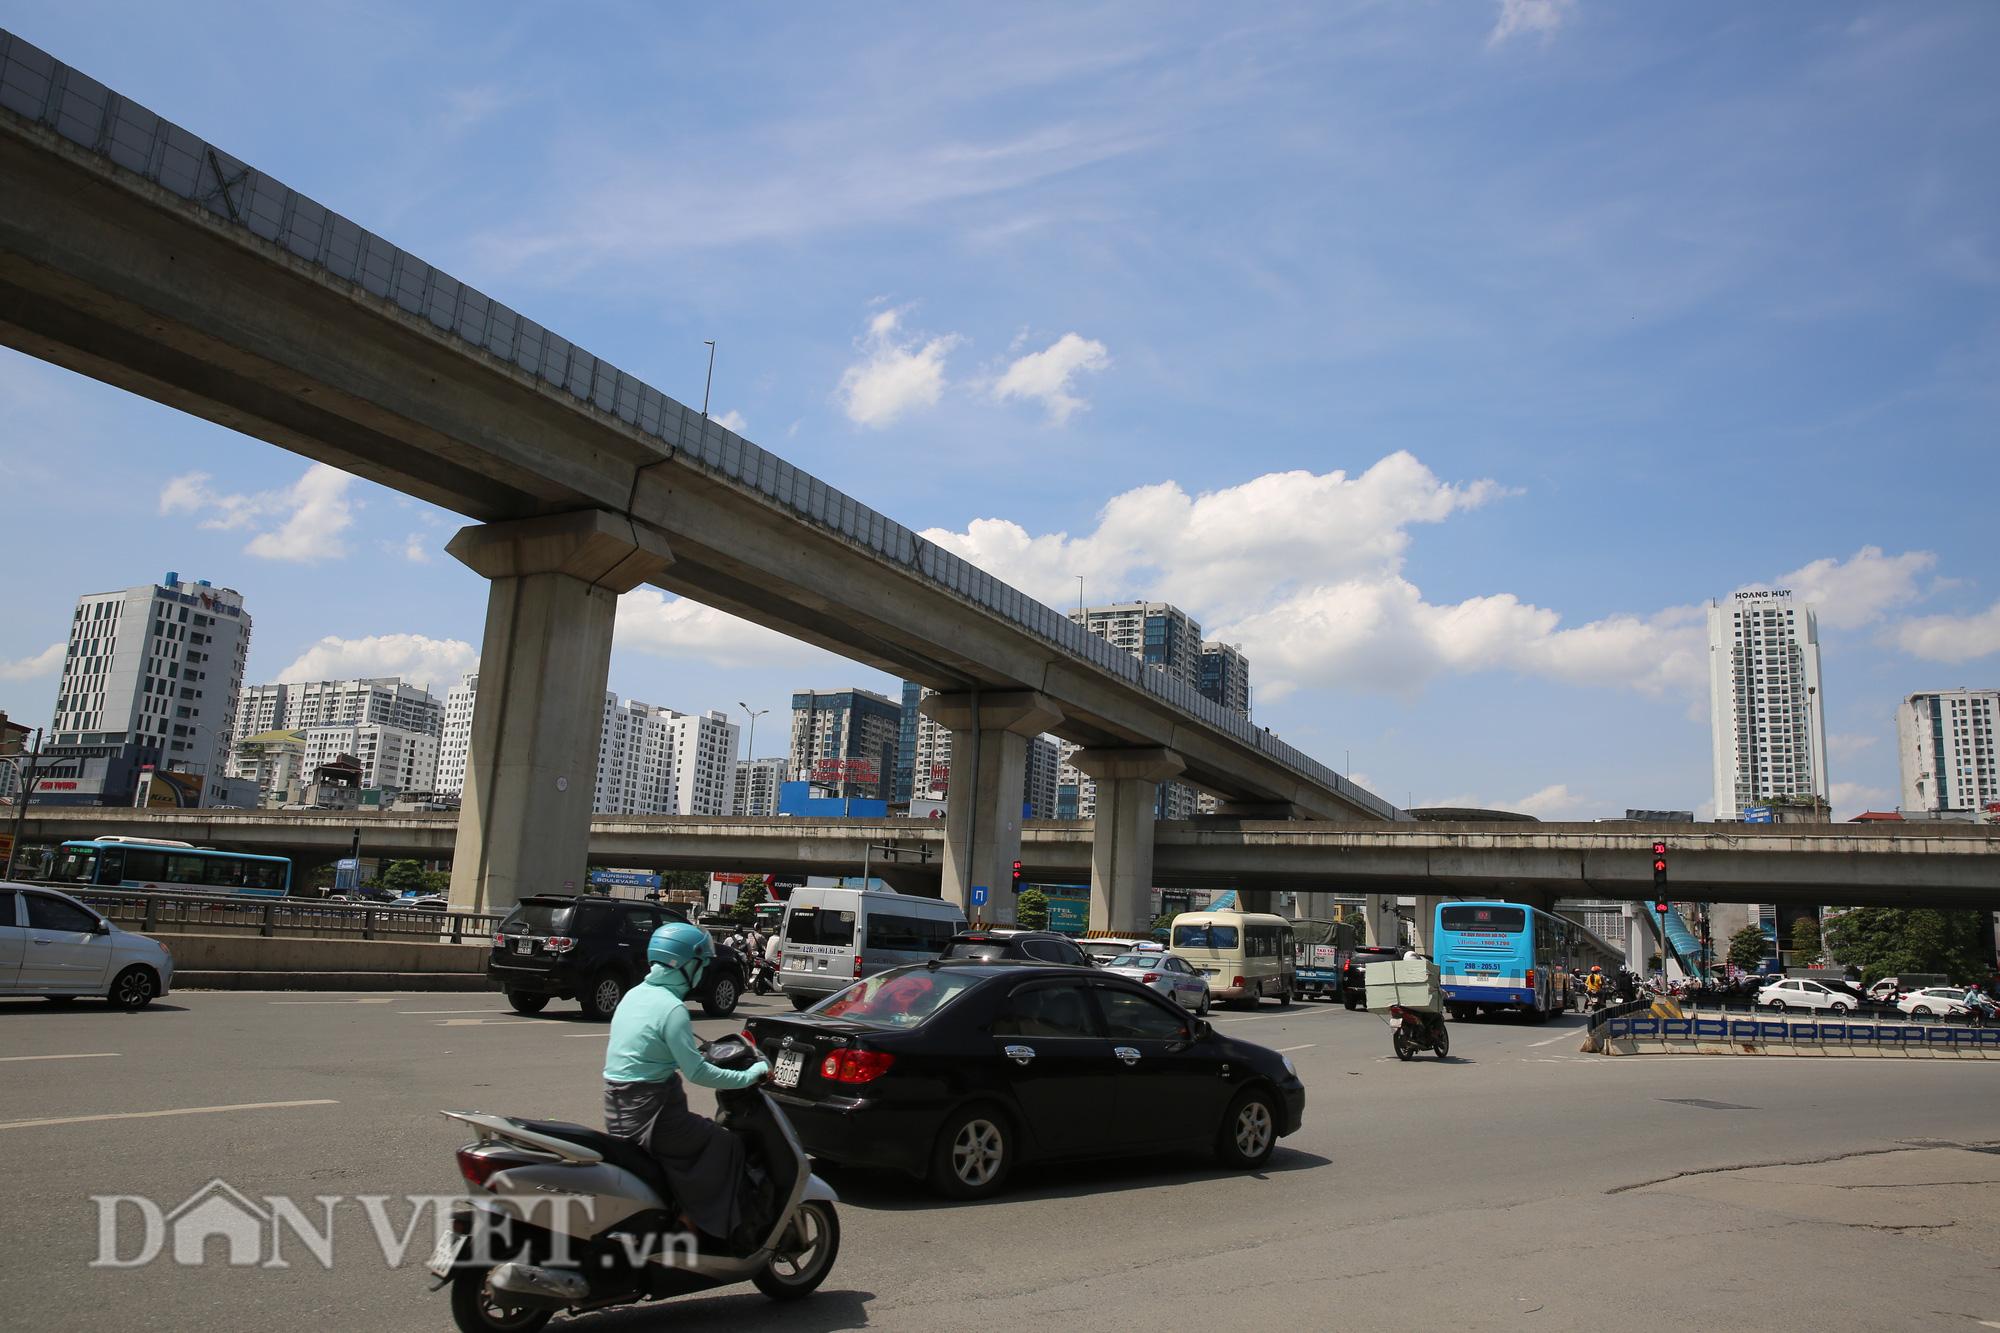 """Đường phố Hà Nội """"bốc hơi"""", người đi đường khốn khổ trong cái nắng 42 độ C - Ảnh 2."""